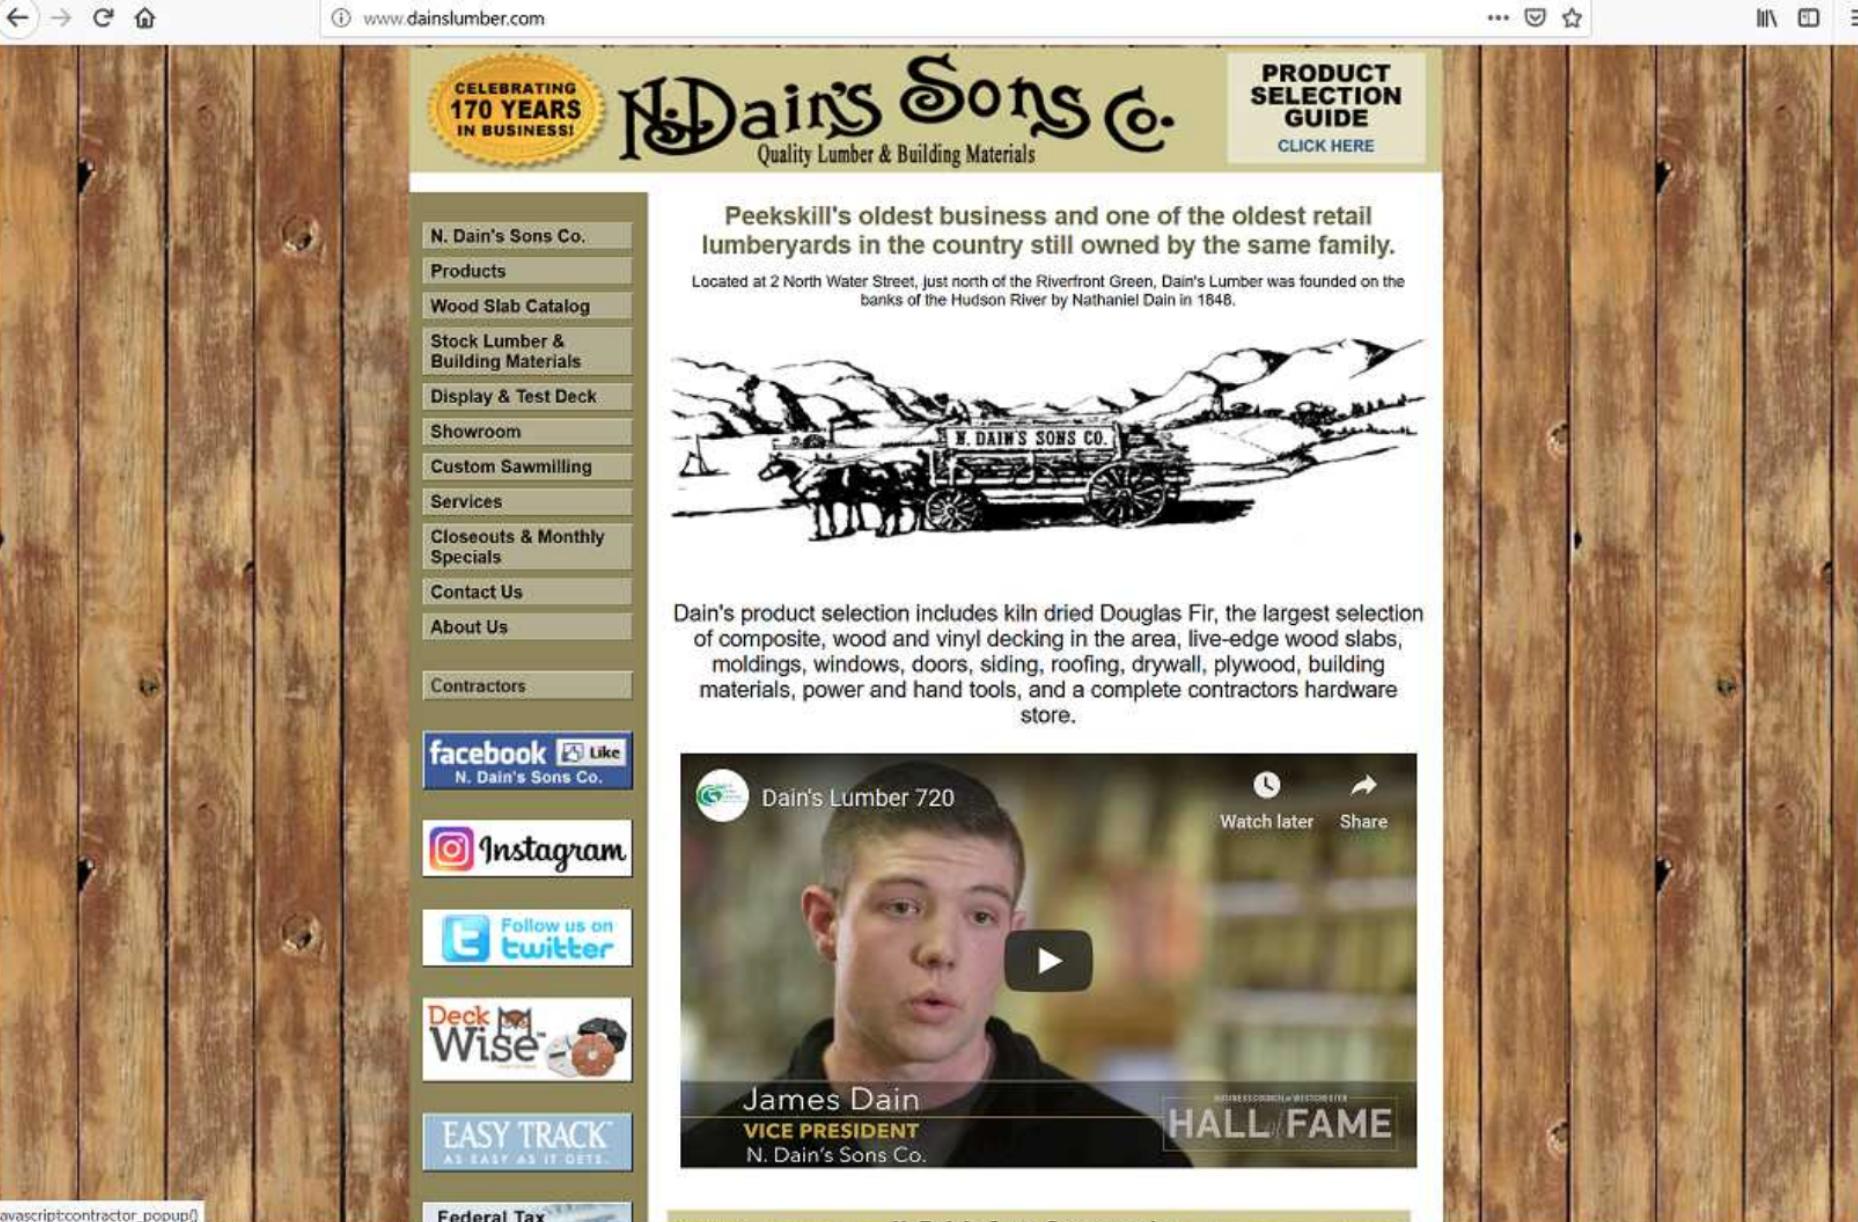 Dain's Lumber in Peekskill old website